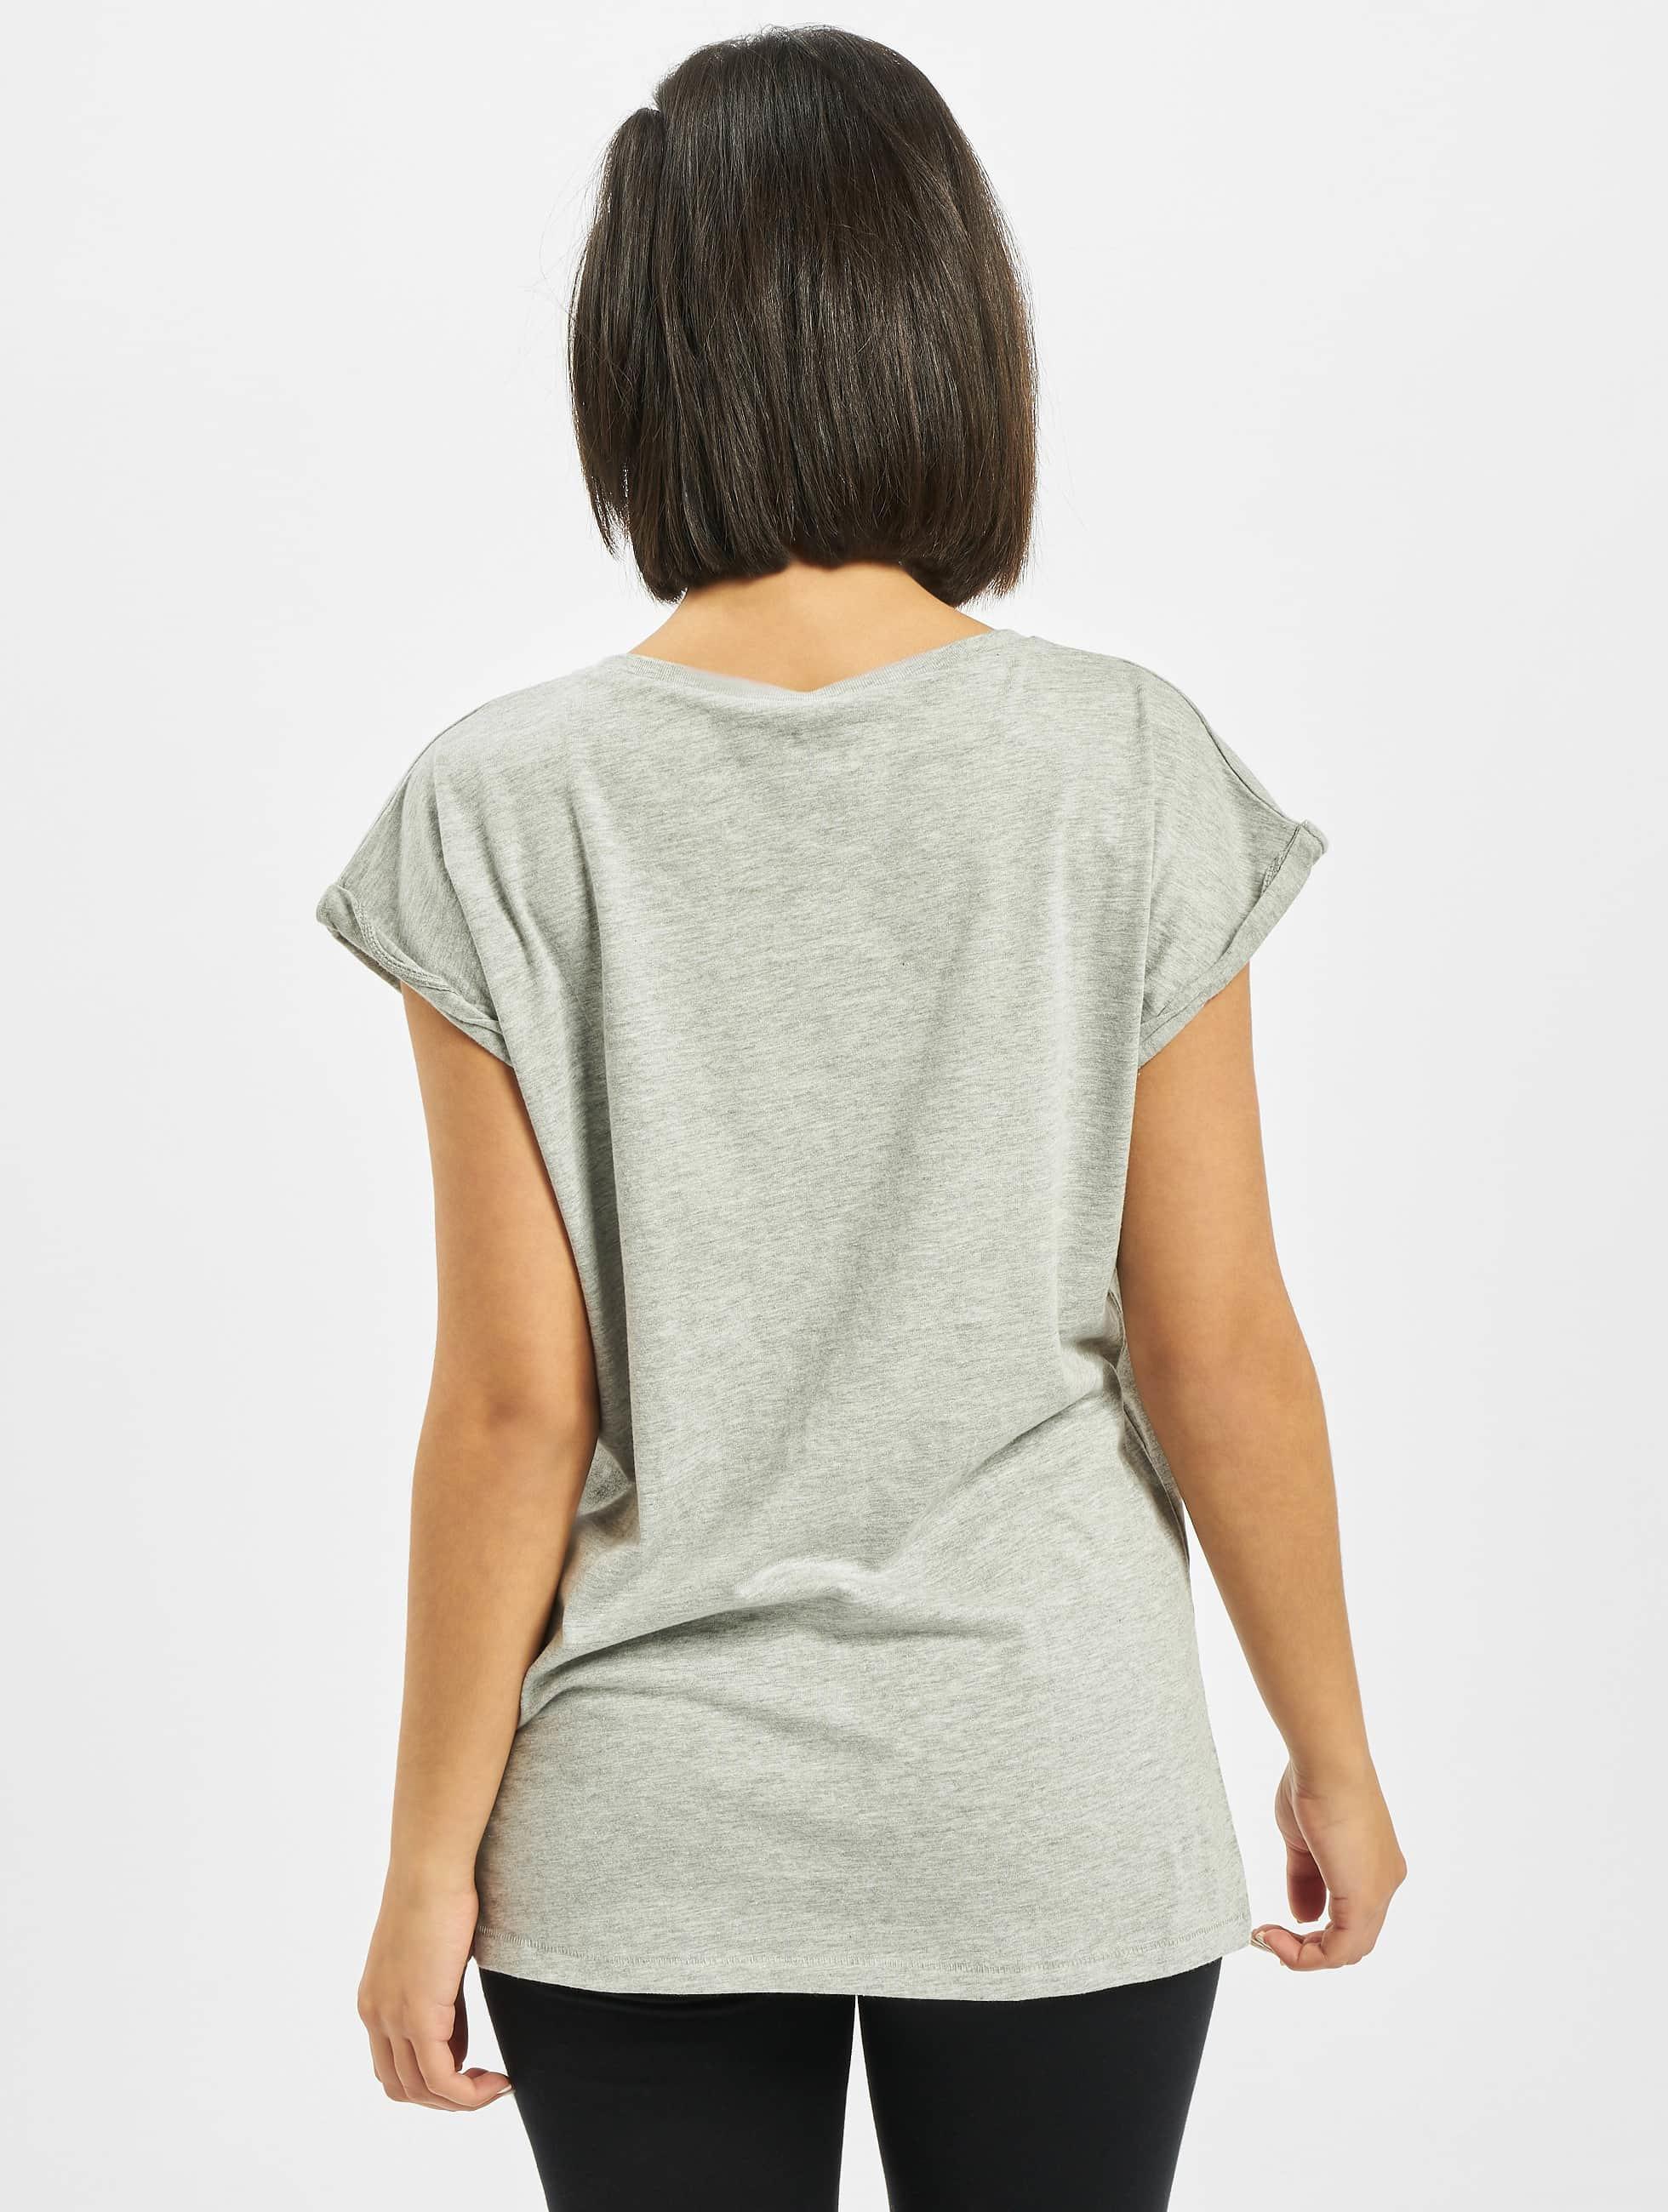 Mister Tee T-shirt Ladies Five Seconds Of Summer Longprint grigio